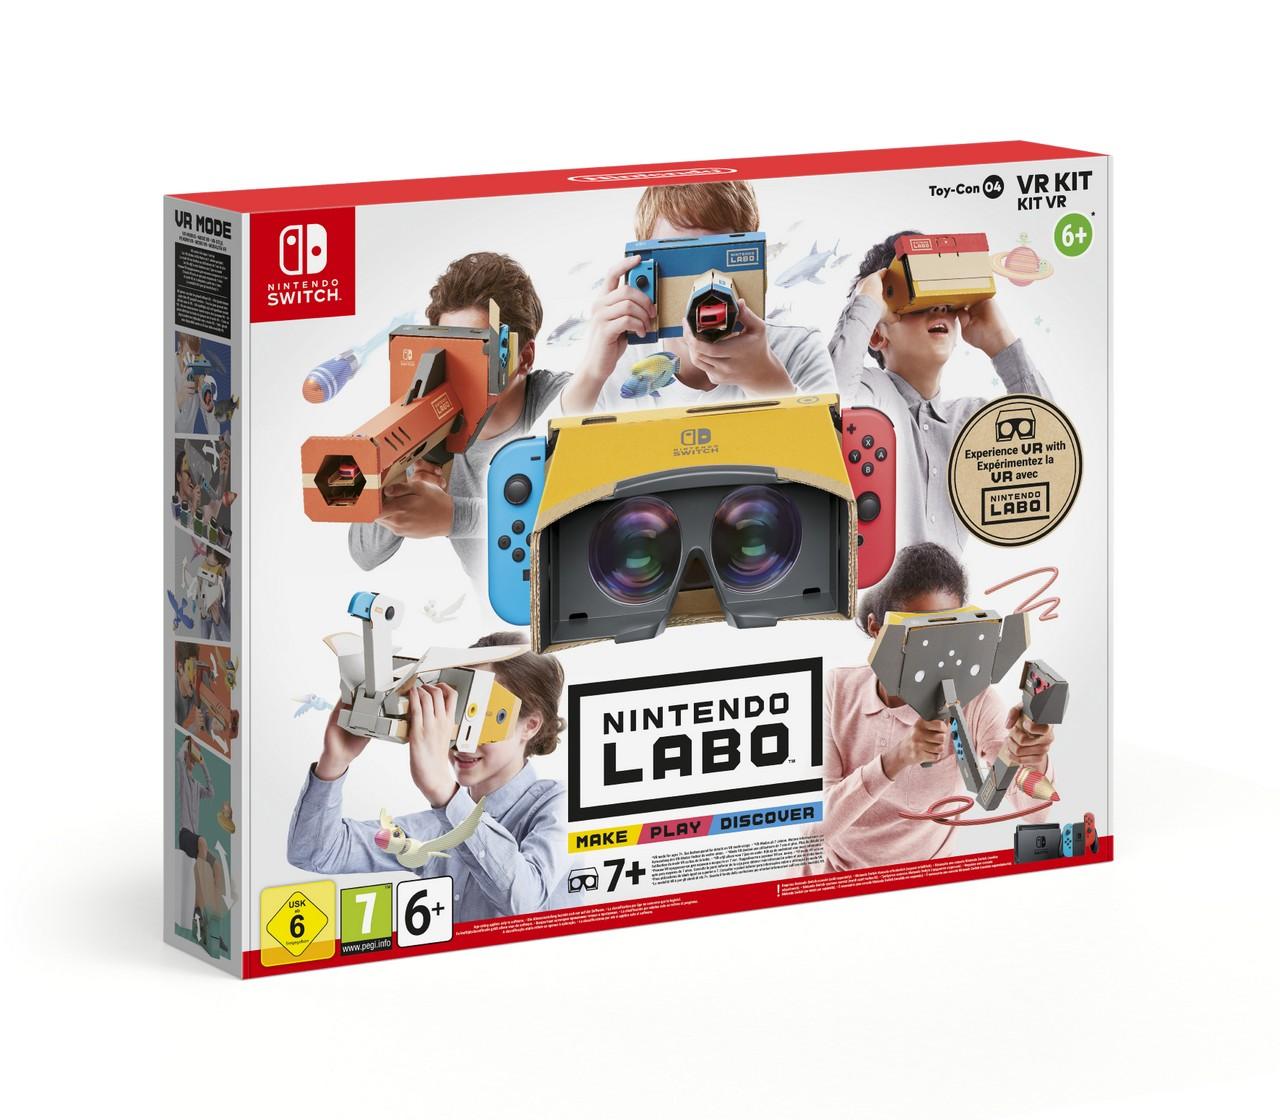 Nintendo Labo: immagini e primi dettagli sul Kit VR per Nintendo Switch